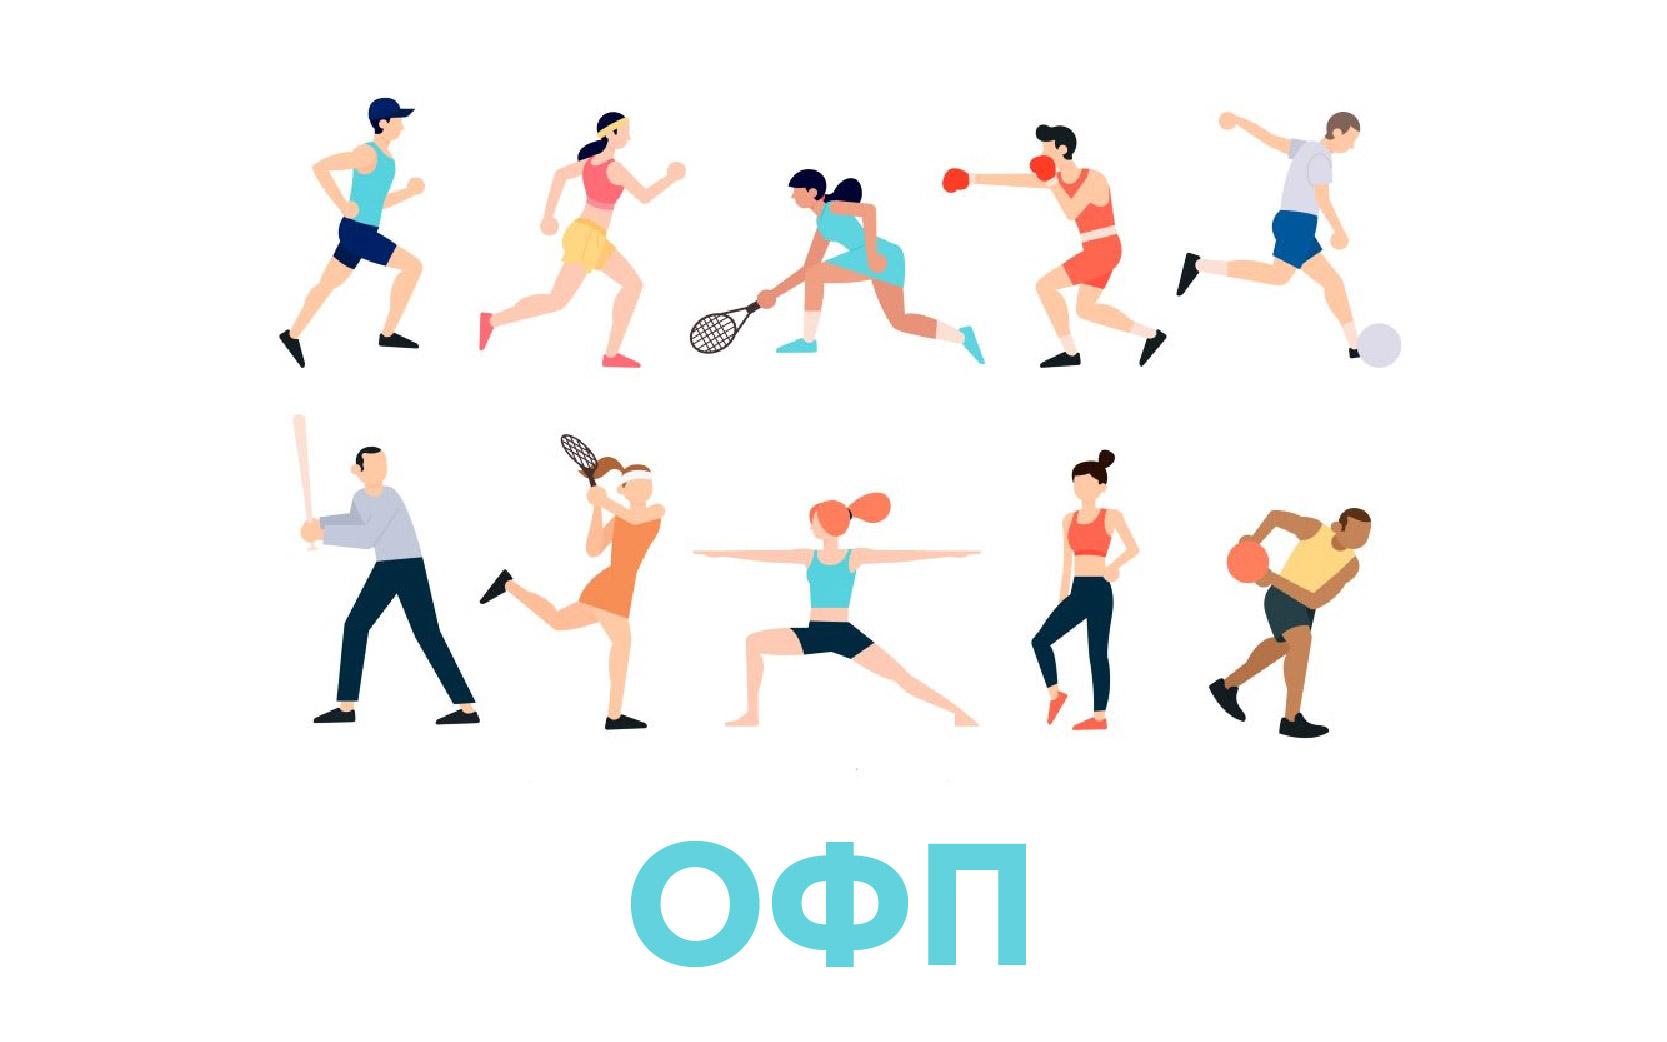 ОФП(кардио-гимнастика)